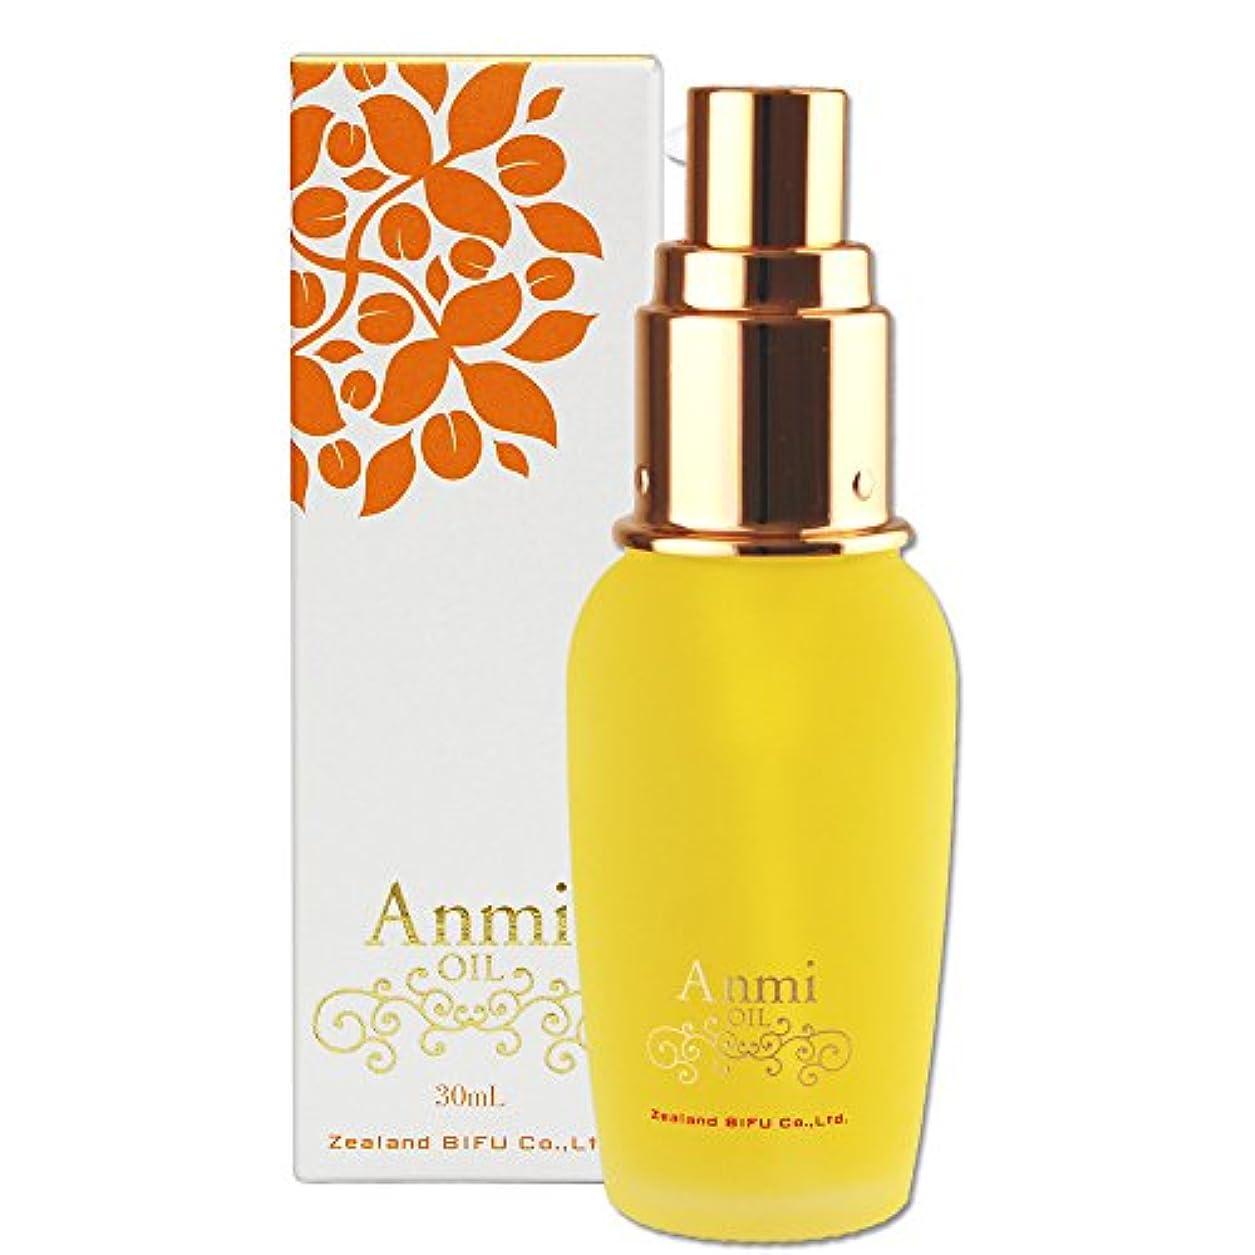 農学より枝Anmi アンミオイル 30ml ヨクイニンエキス配合 肌に浸透させて顔や首元のぶつぶつケアに。